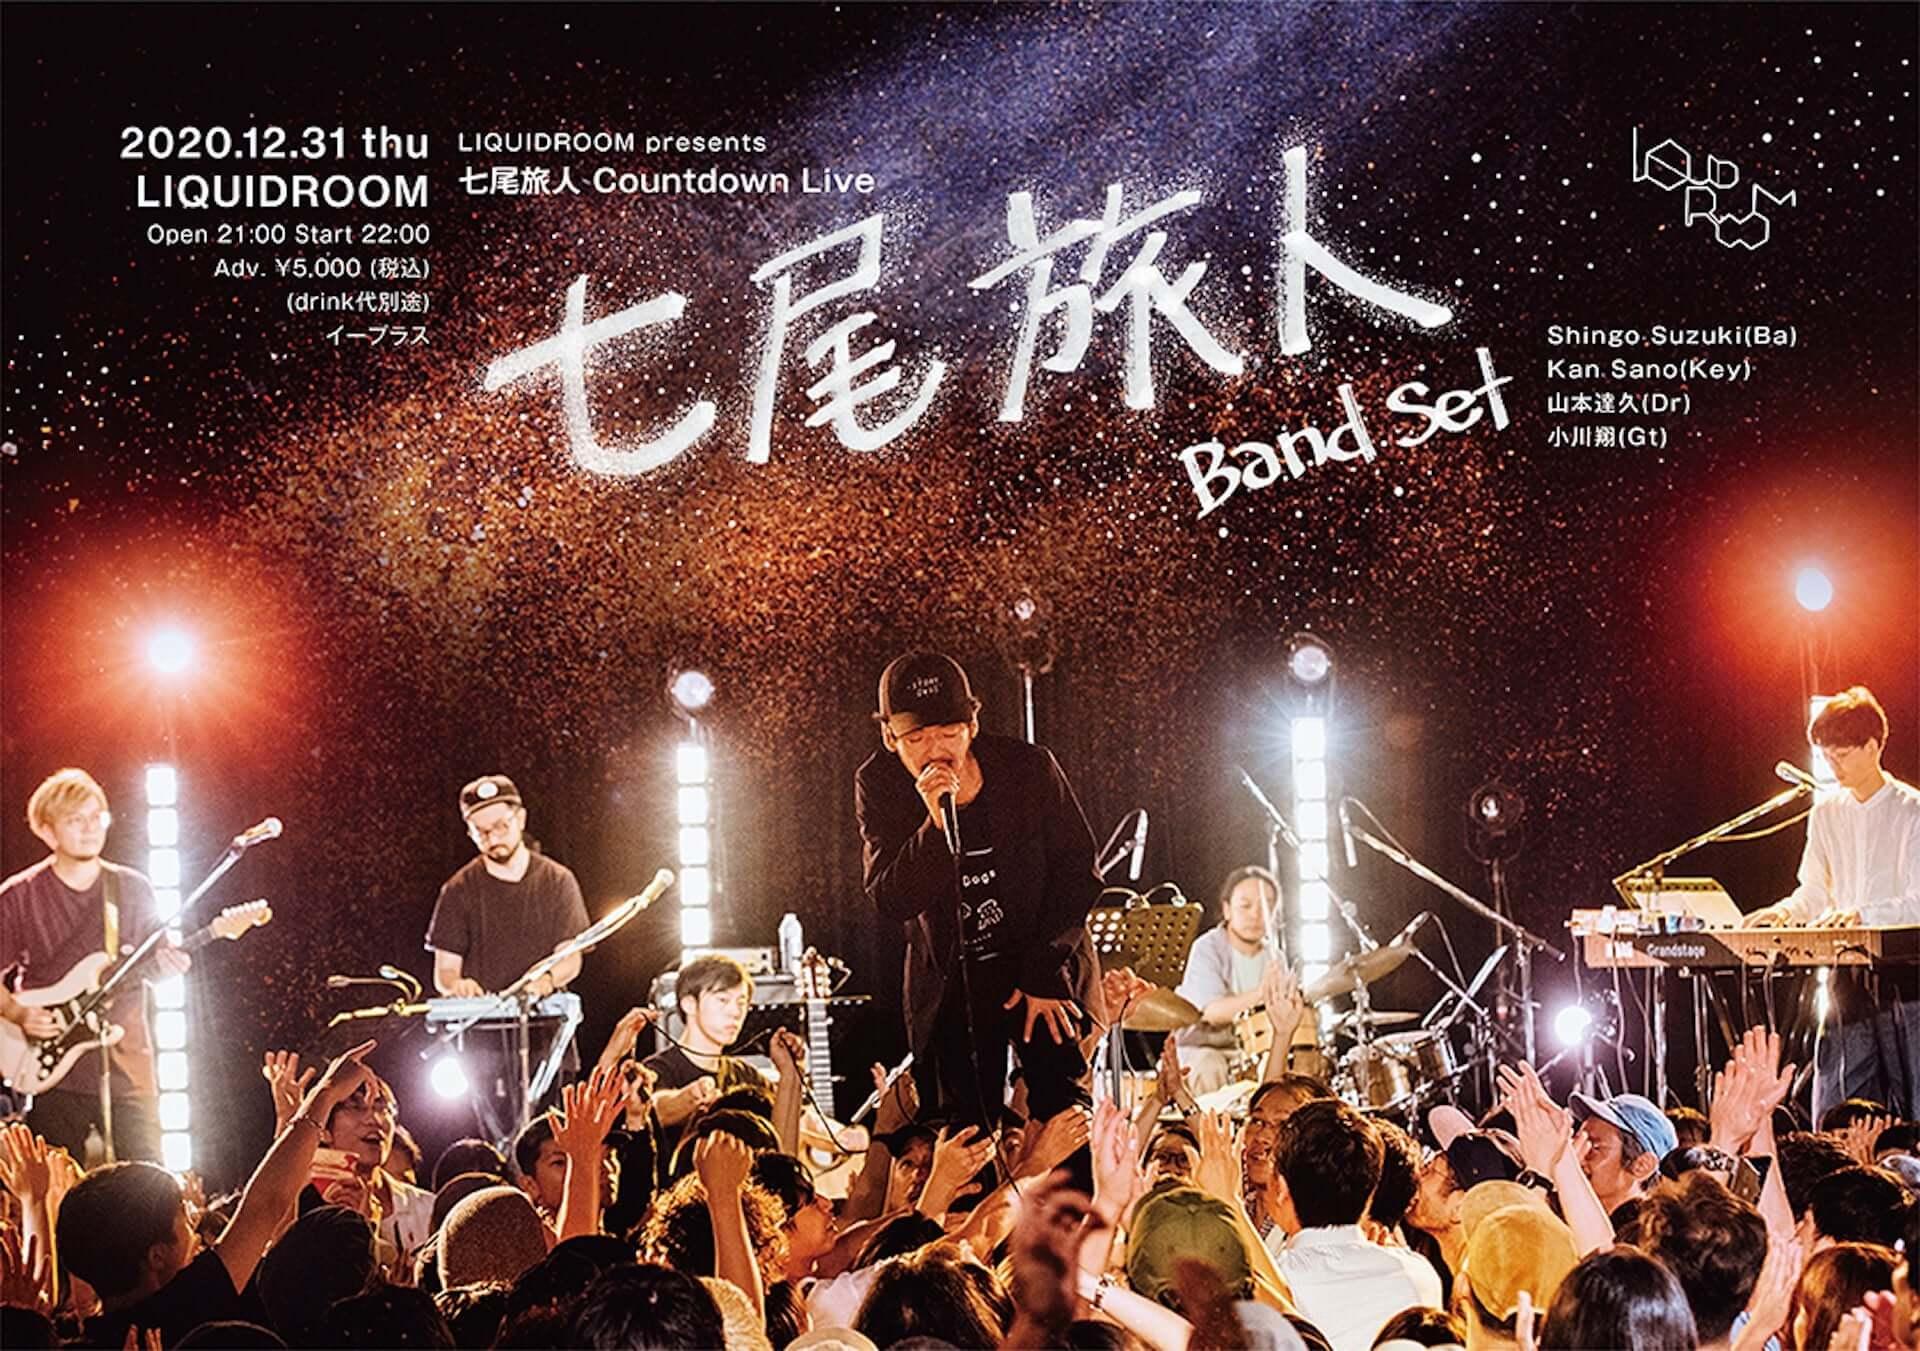 七尾旅人が恵比寿LIQUIDROOMのカウントダウンパーティーに登場!バンドセットでのワンマン公演が実施決定 music201210_tabitonanao-liquidroom_3-1920x1351